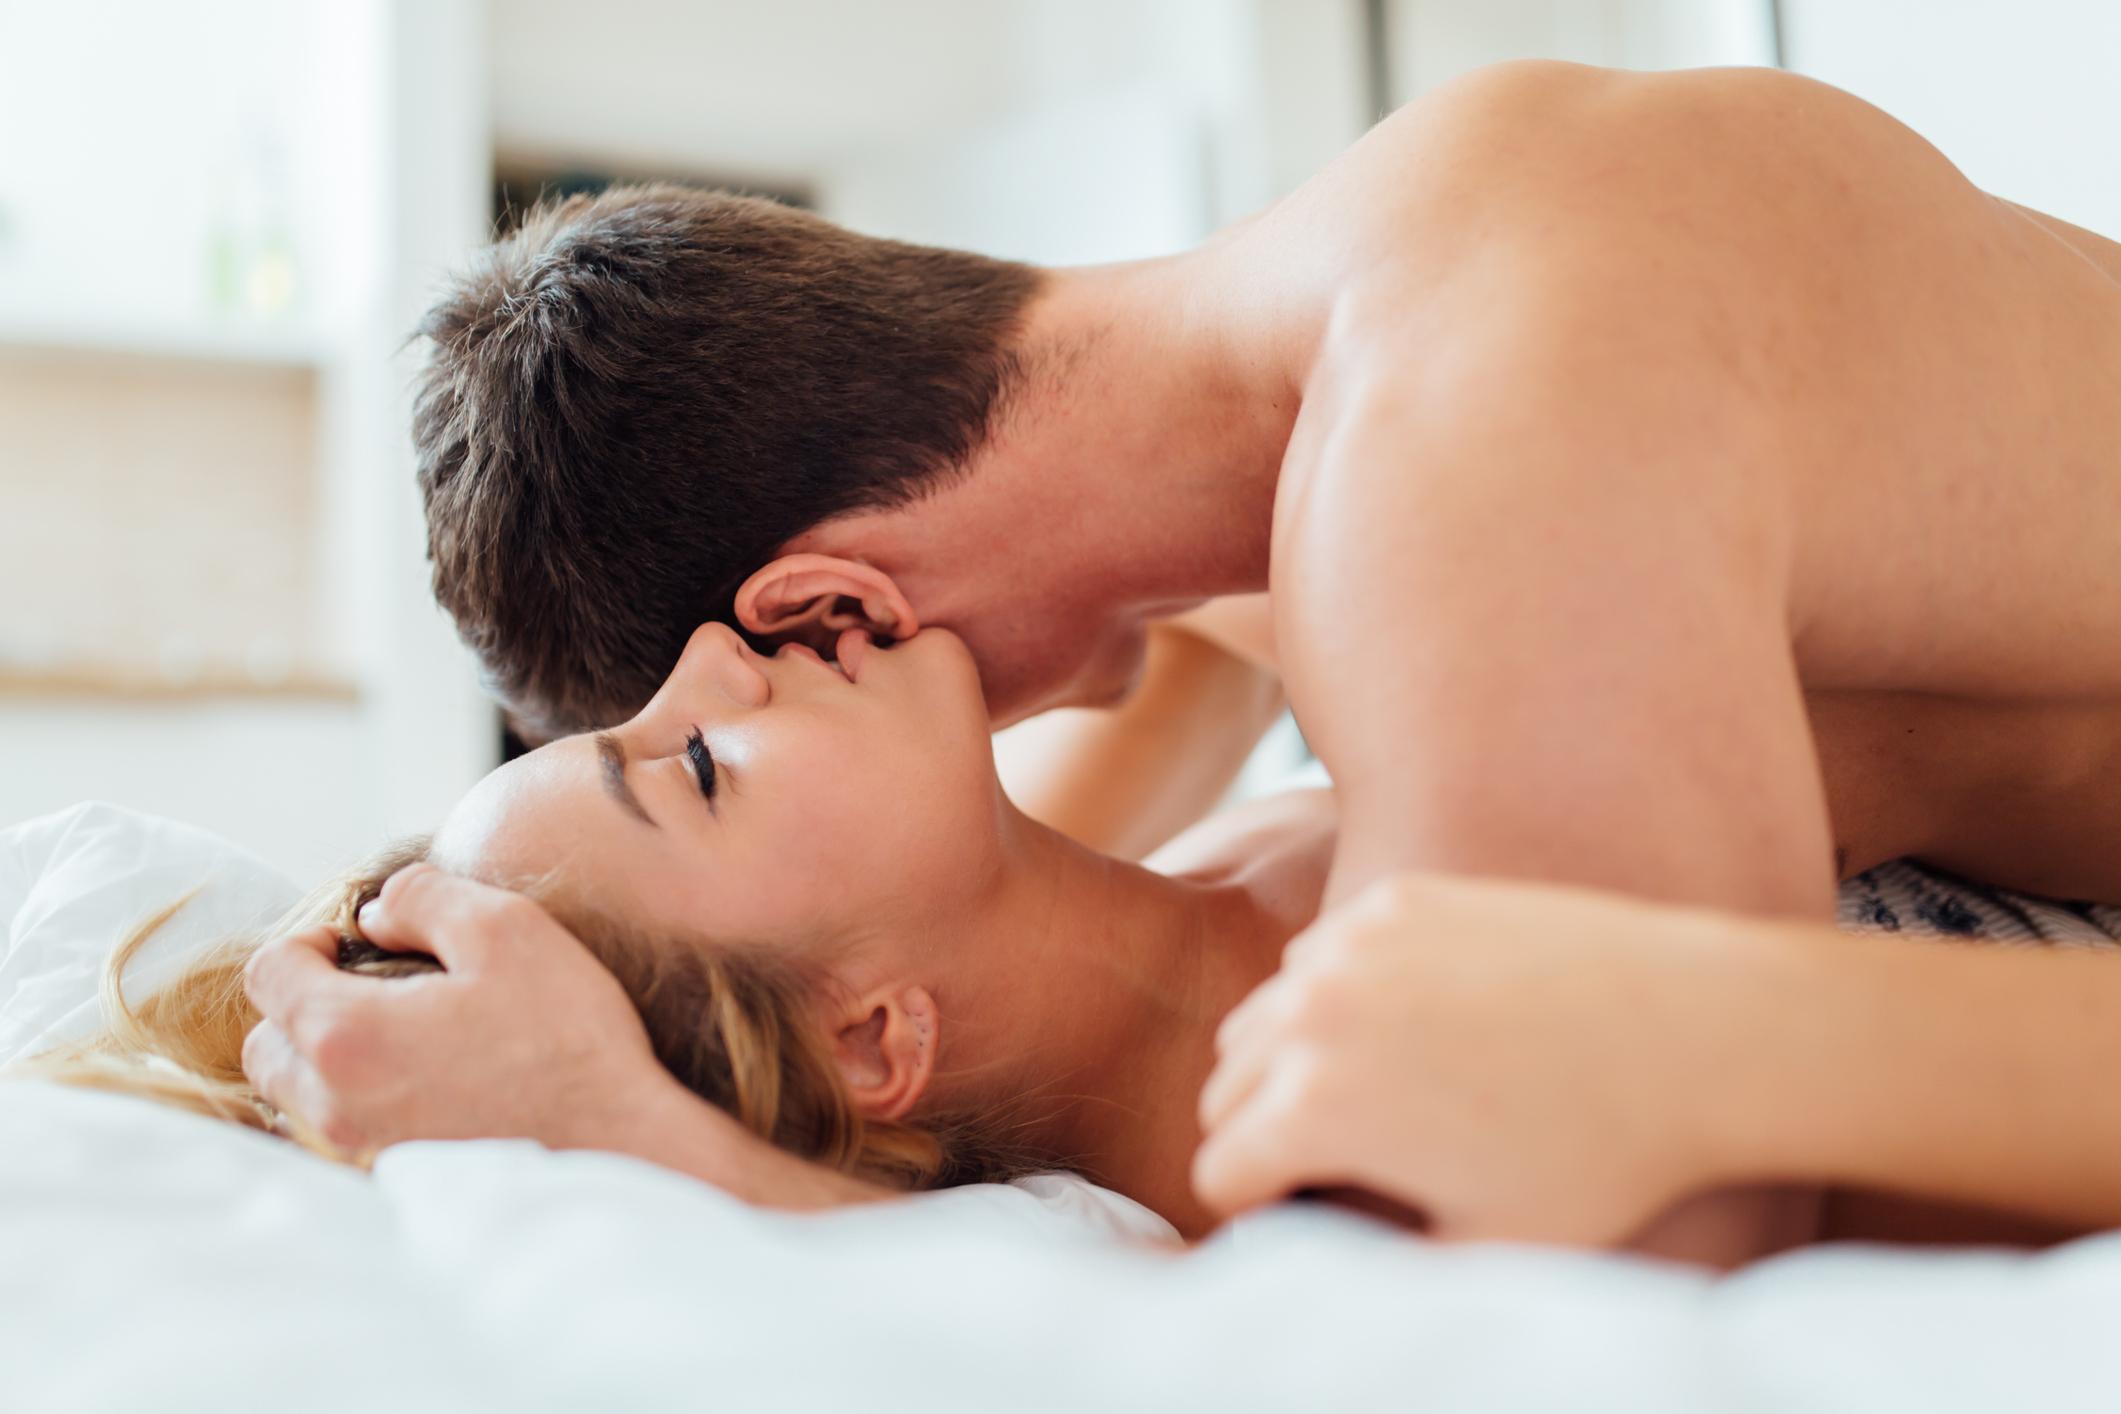 Фото романтика секс, Нежный секс романтичной парочки в спальне порно фото 26 фотография